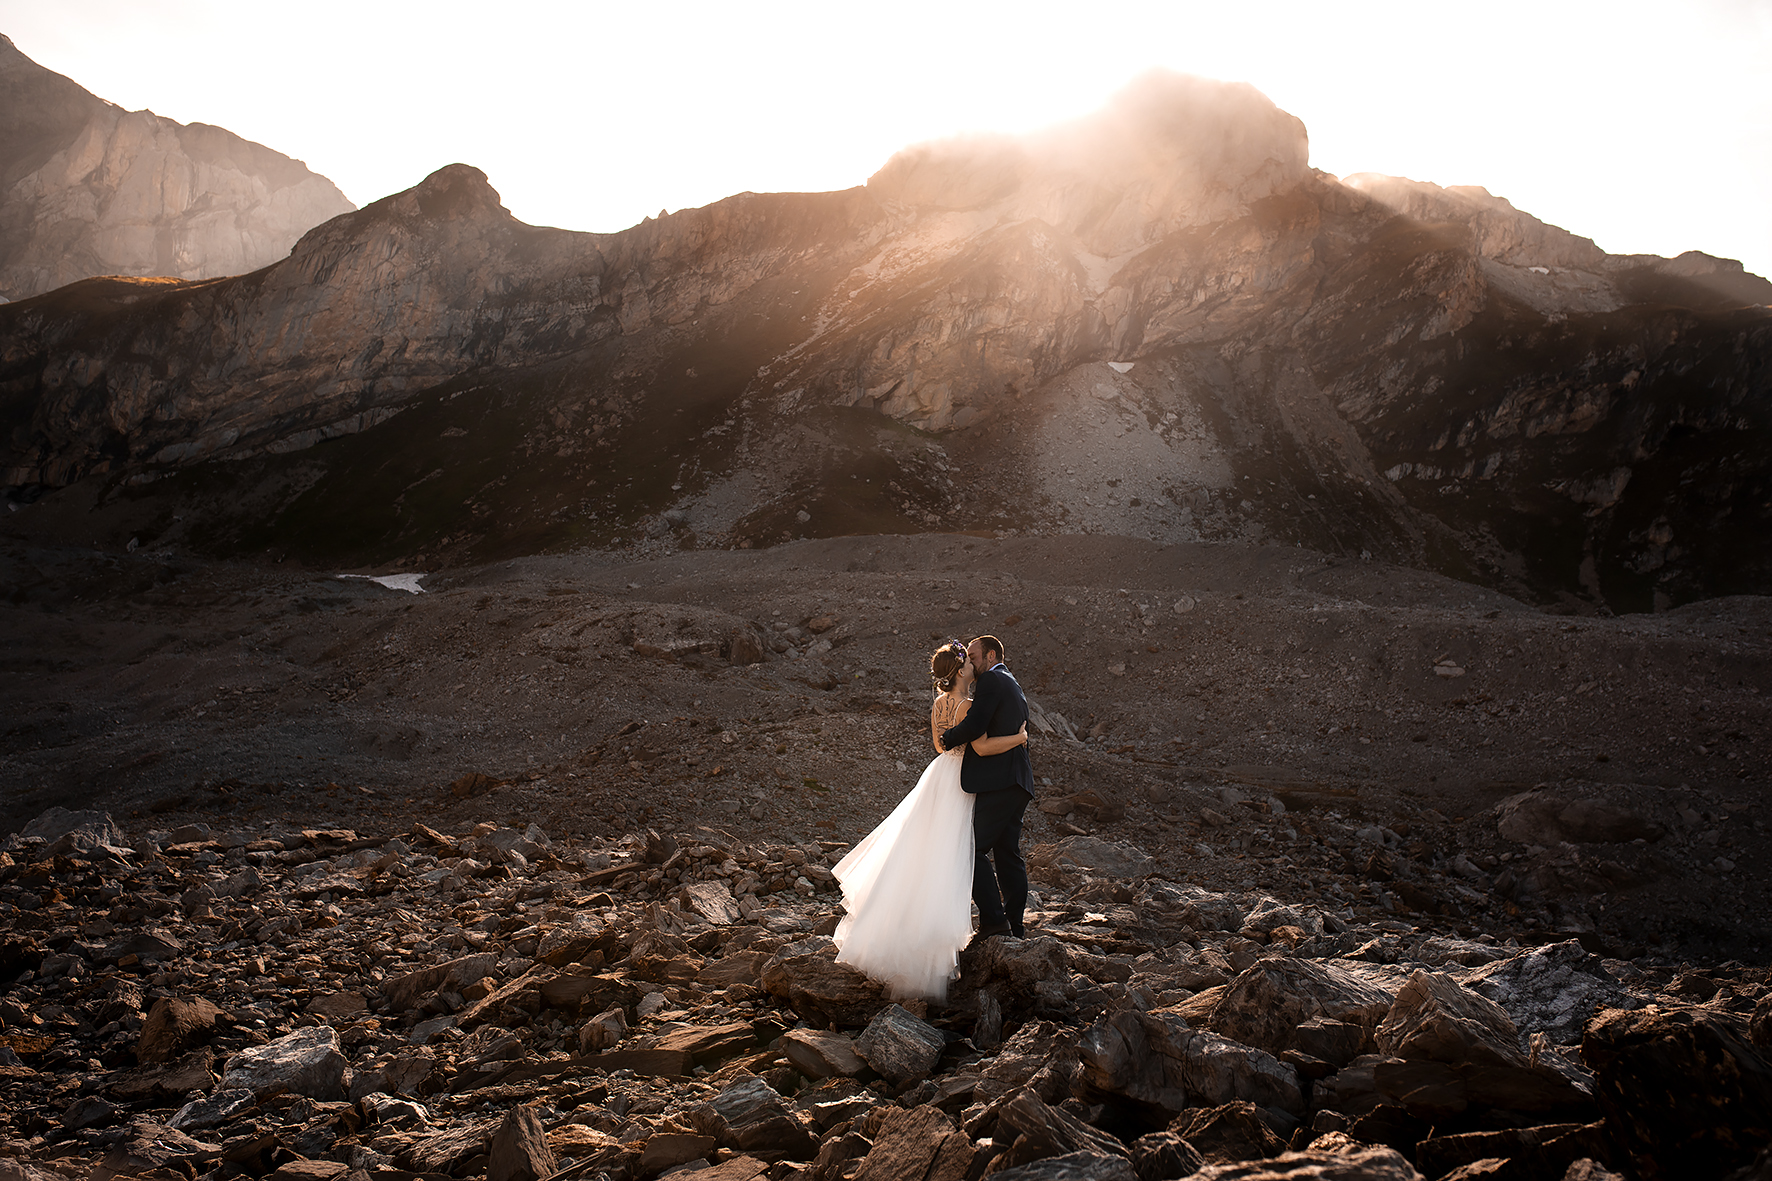 After_Wedding_Shooting_Schweiz_Alpen_09